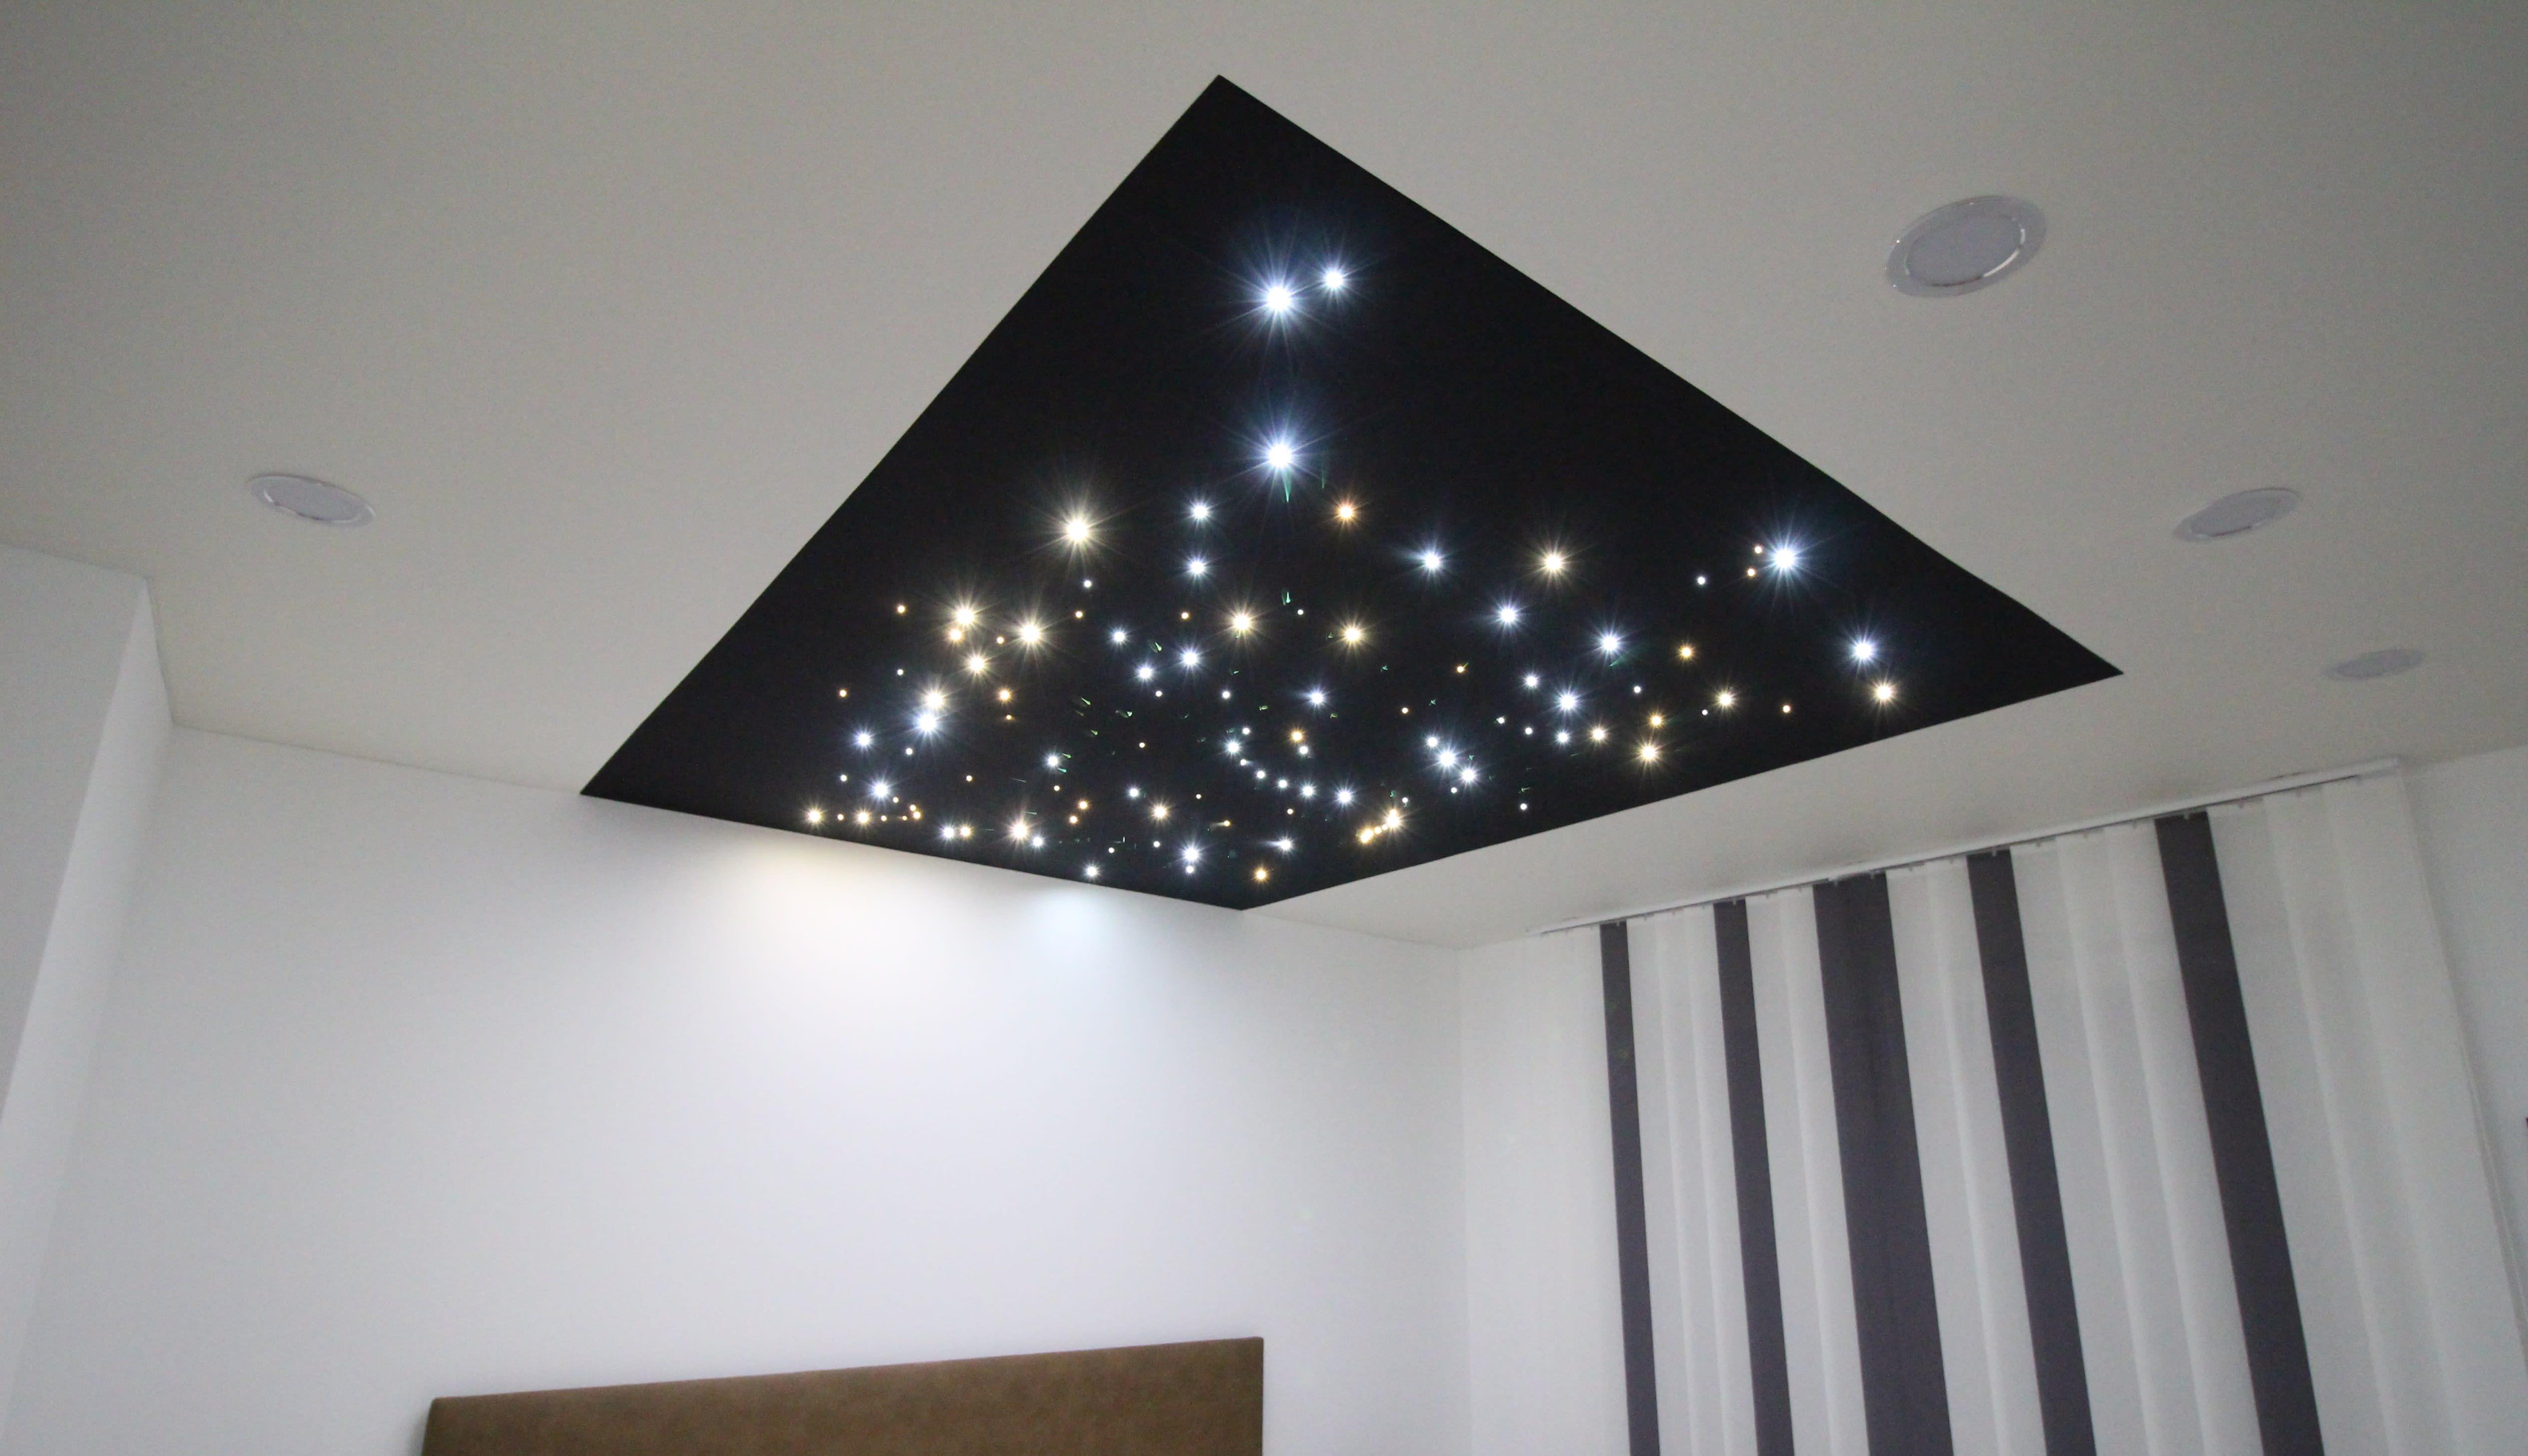 Wohnraum mit weißer Spanndecke und integrierten Sternenhimmel